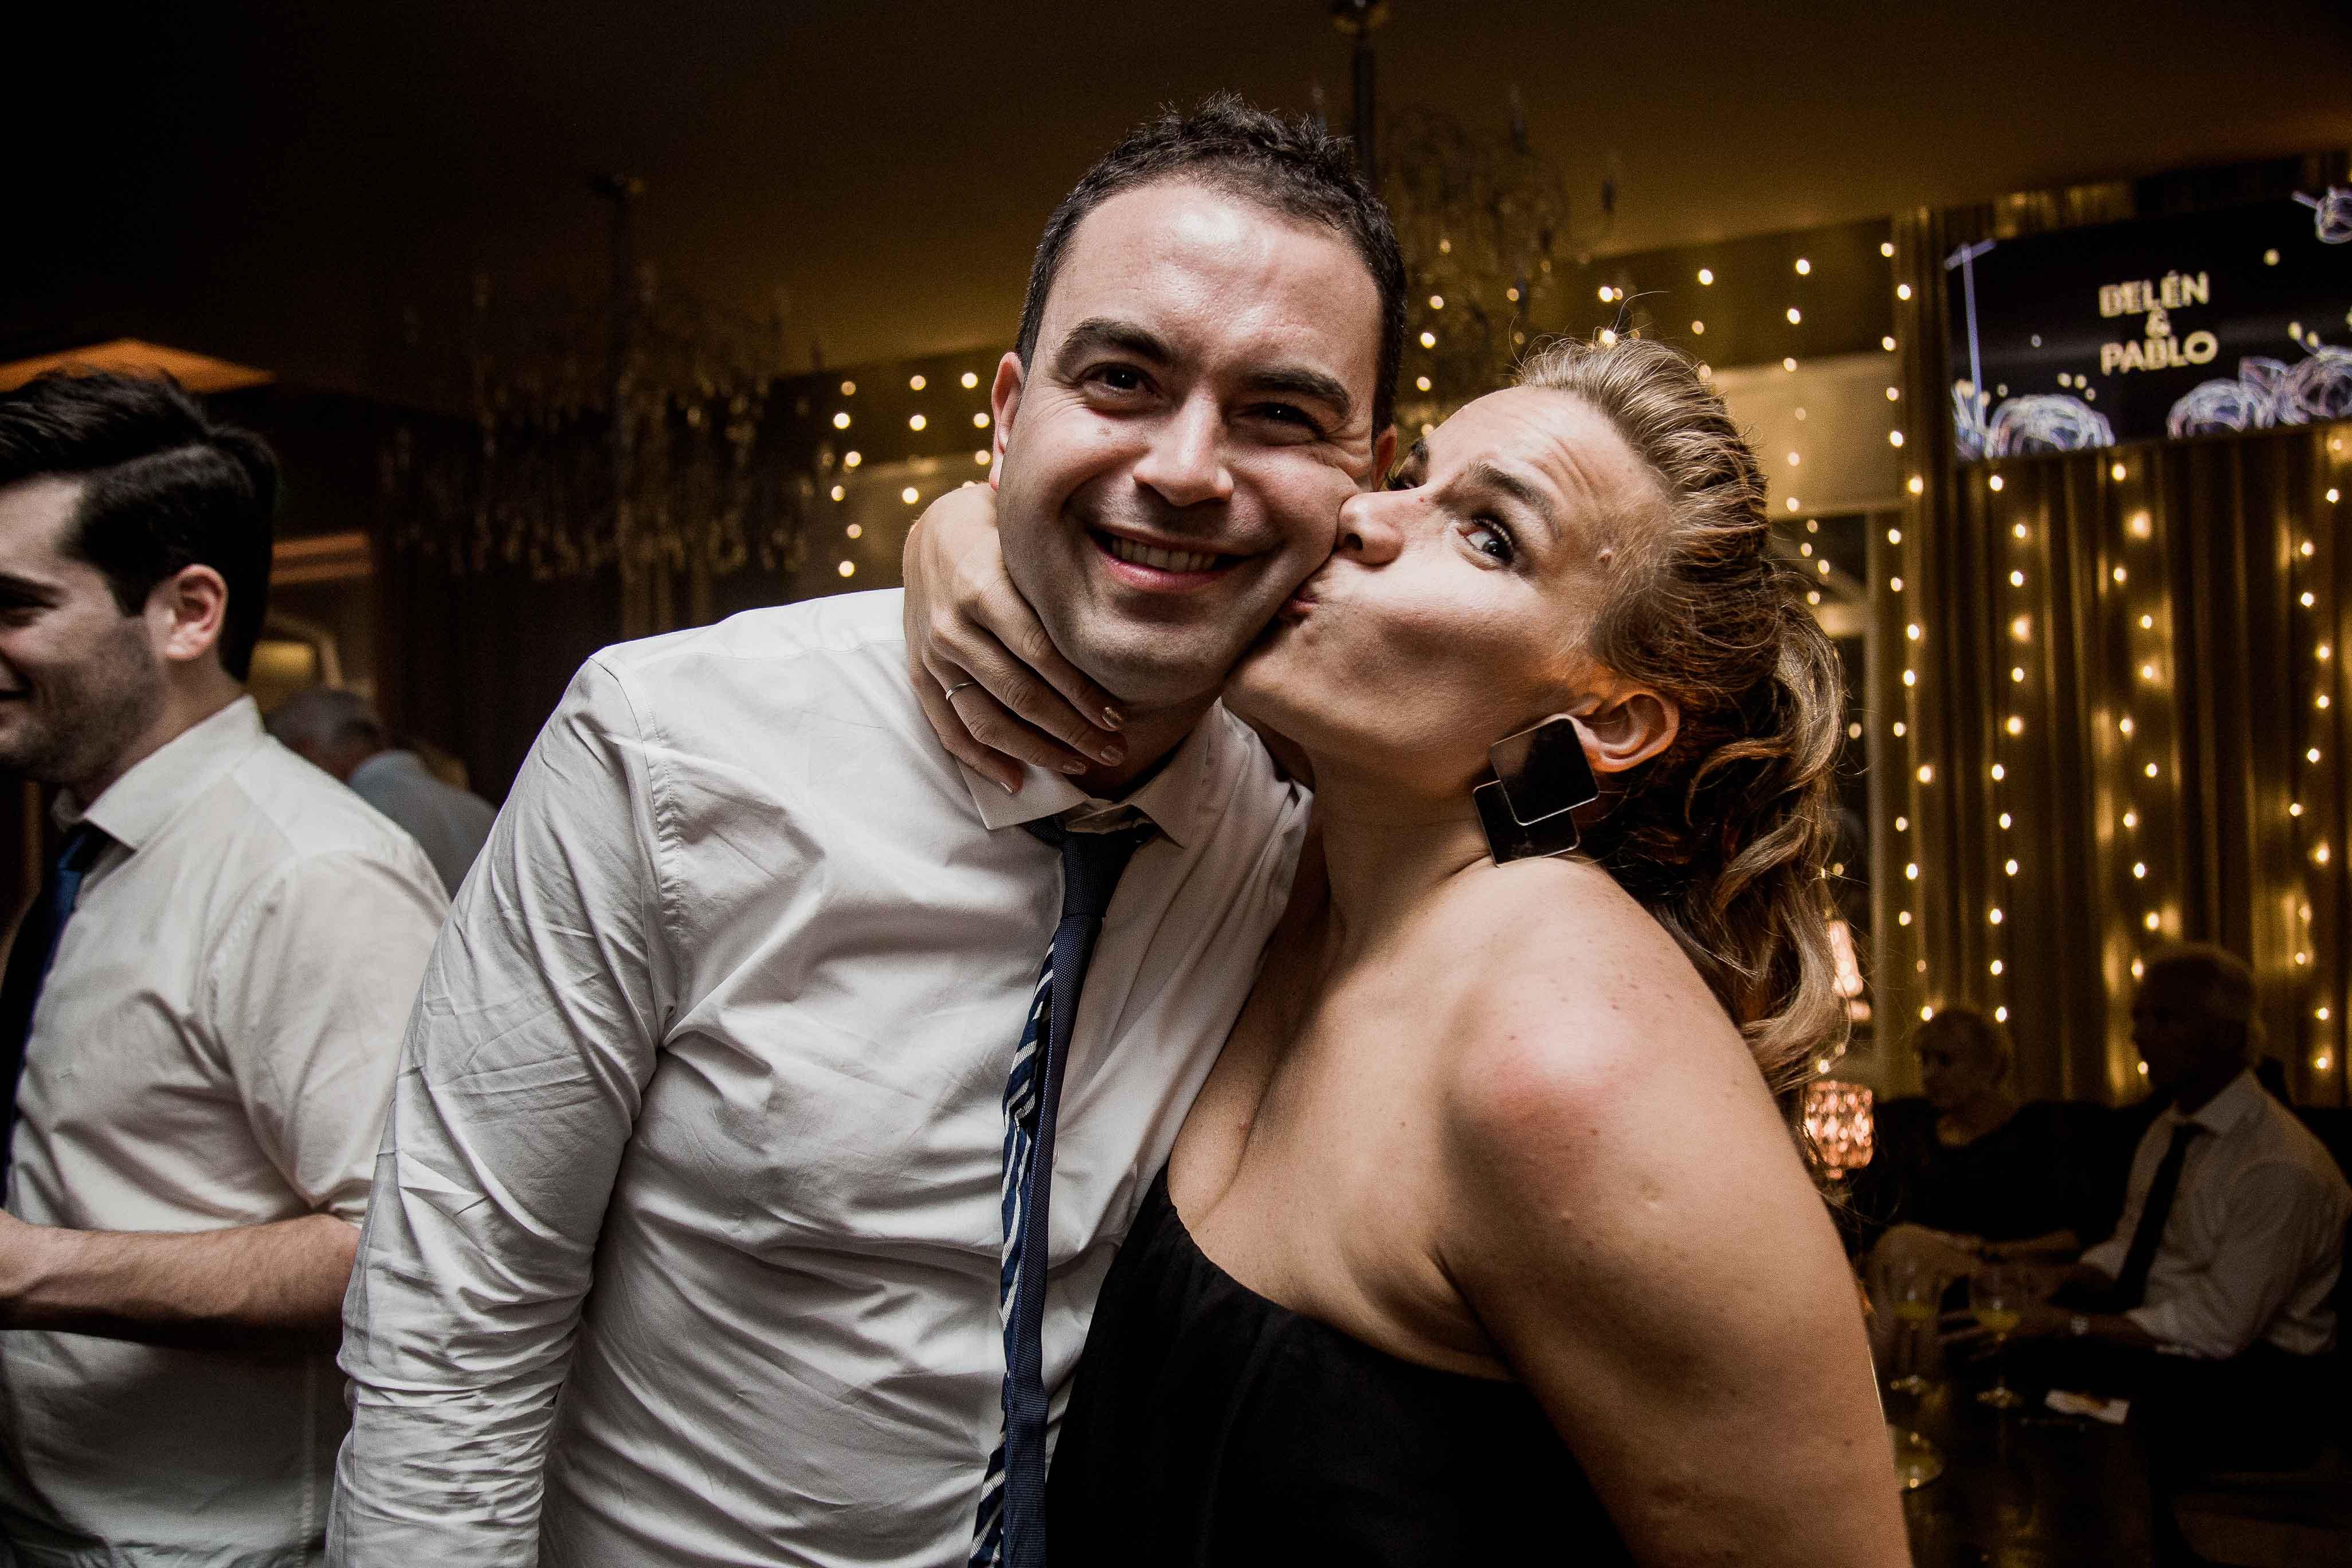 Fotos de la boda de Bel y Pablo en Rosario realizadas por Bucle Fotografias Flor Bosio y Caro Clerici